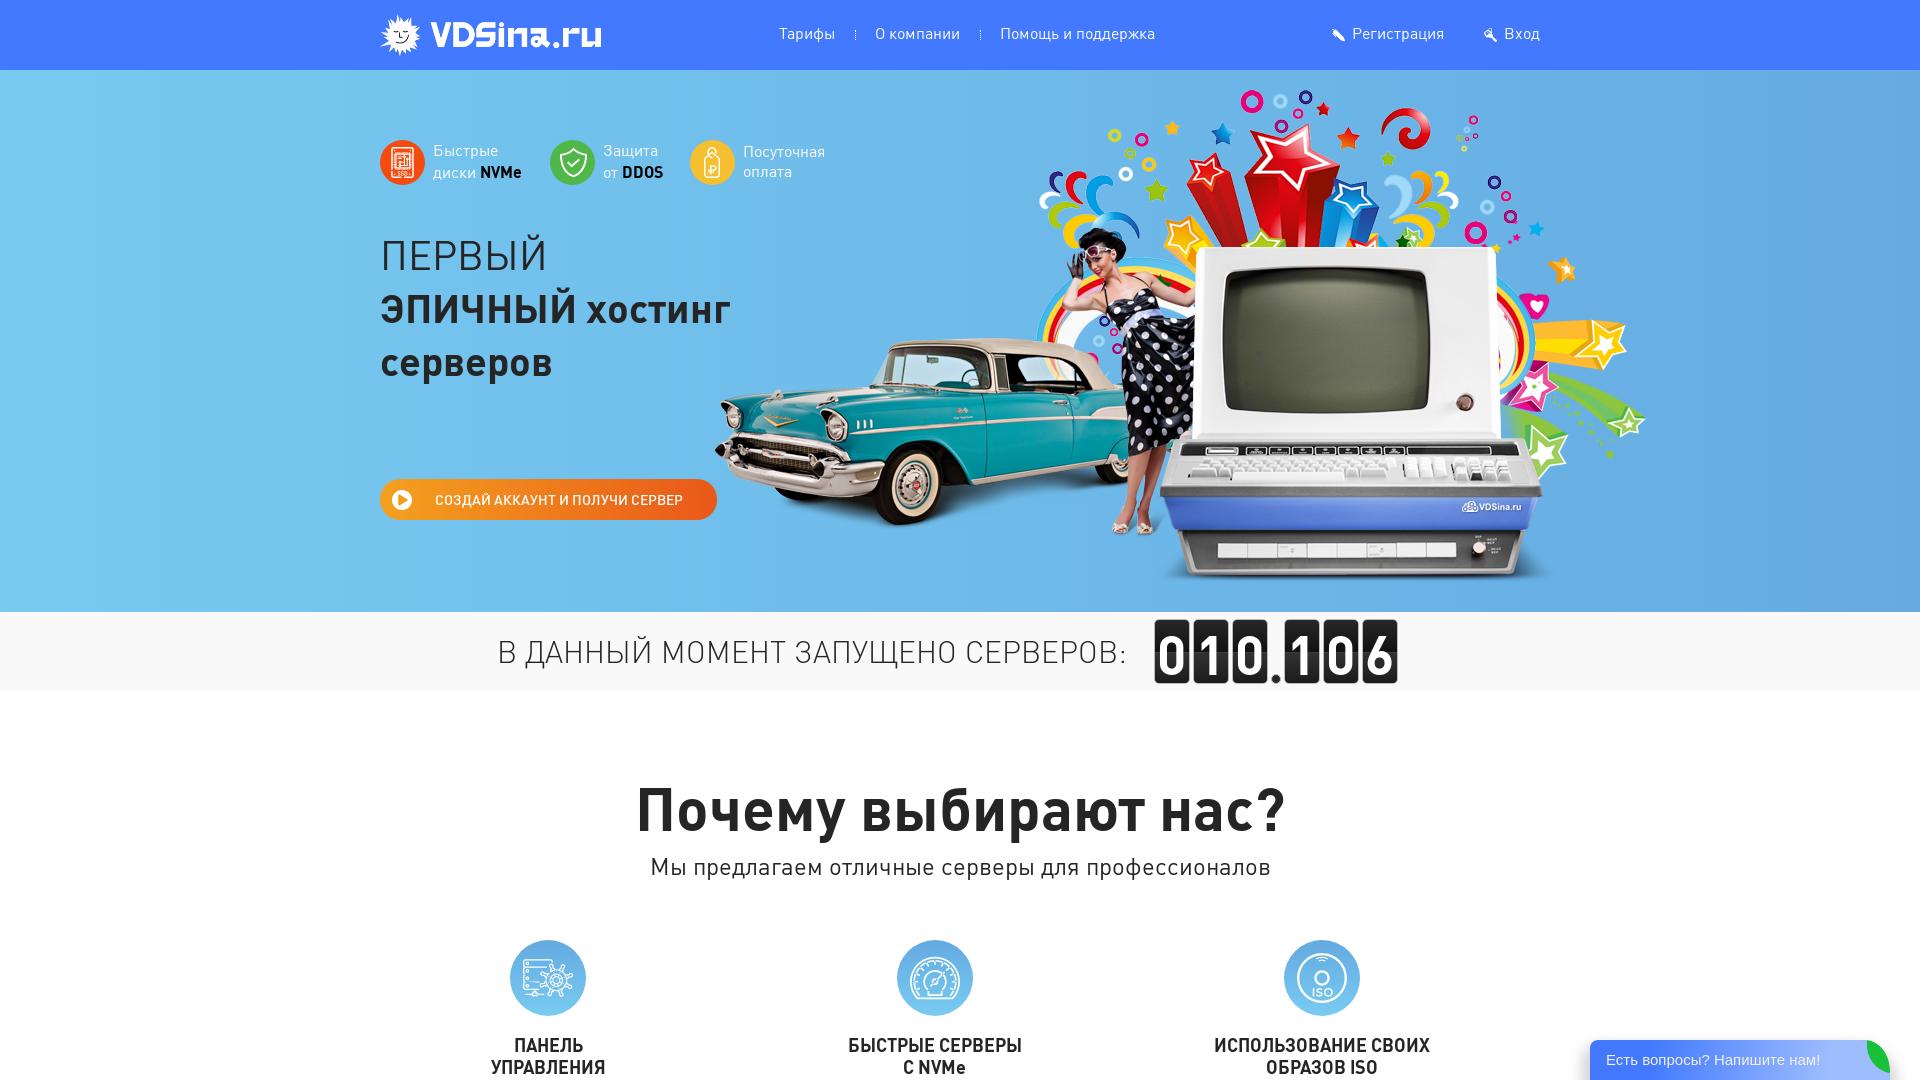 VDSina website